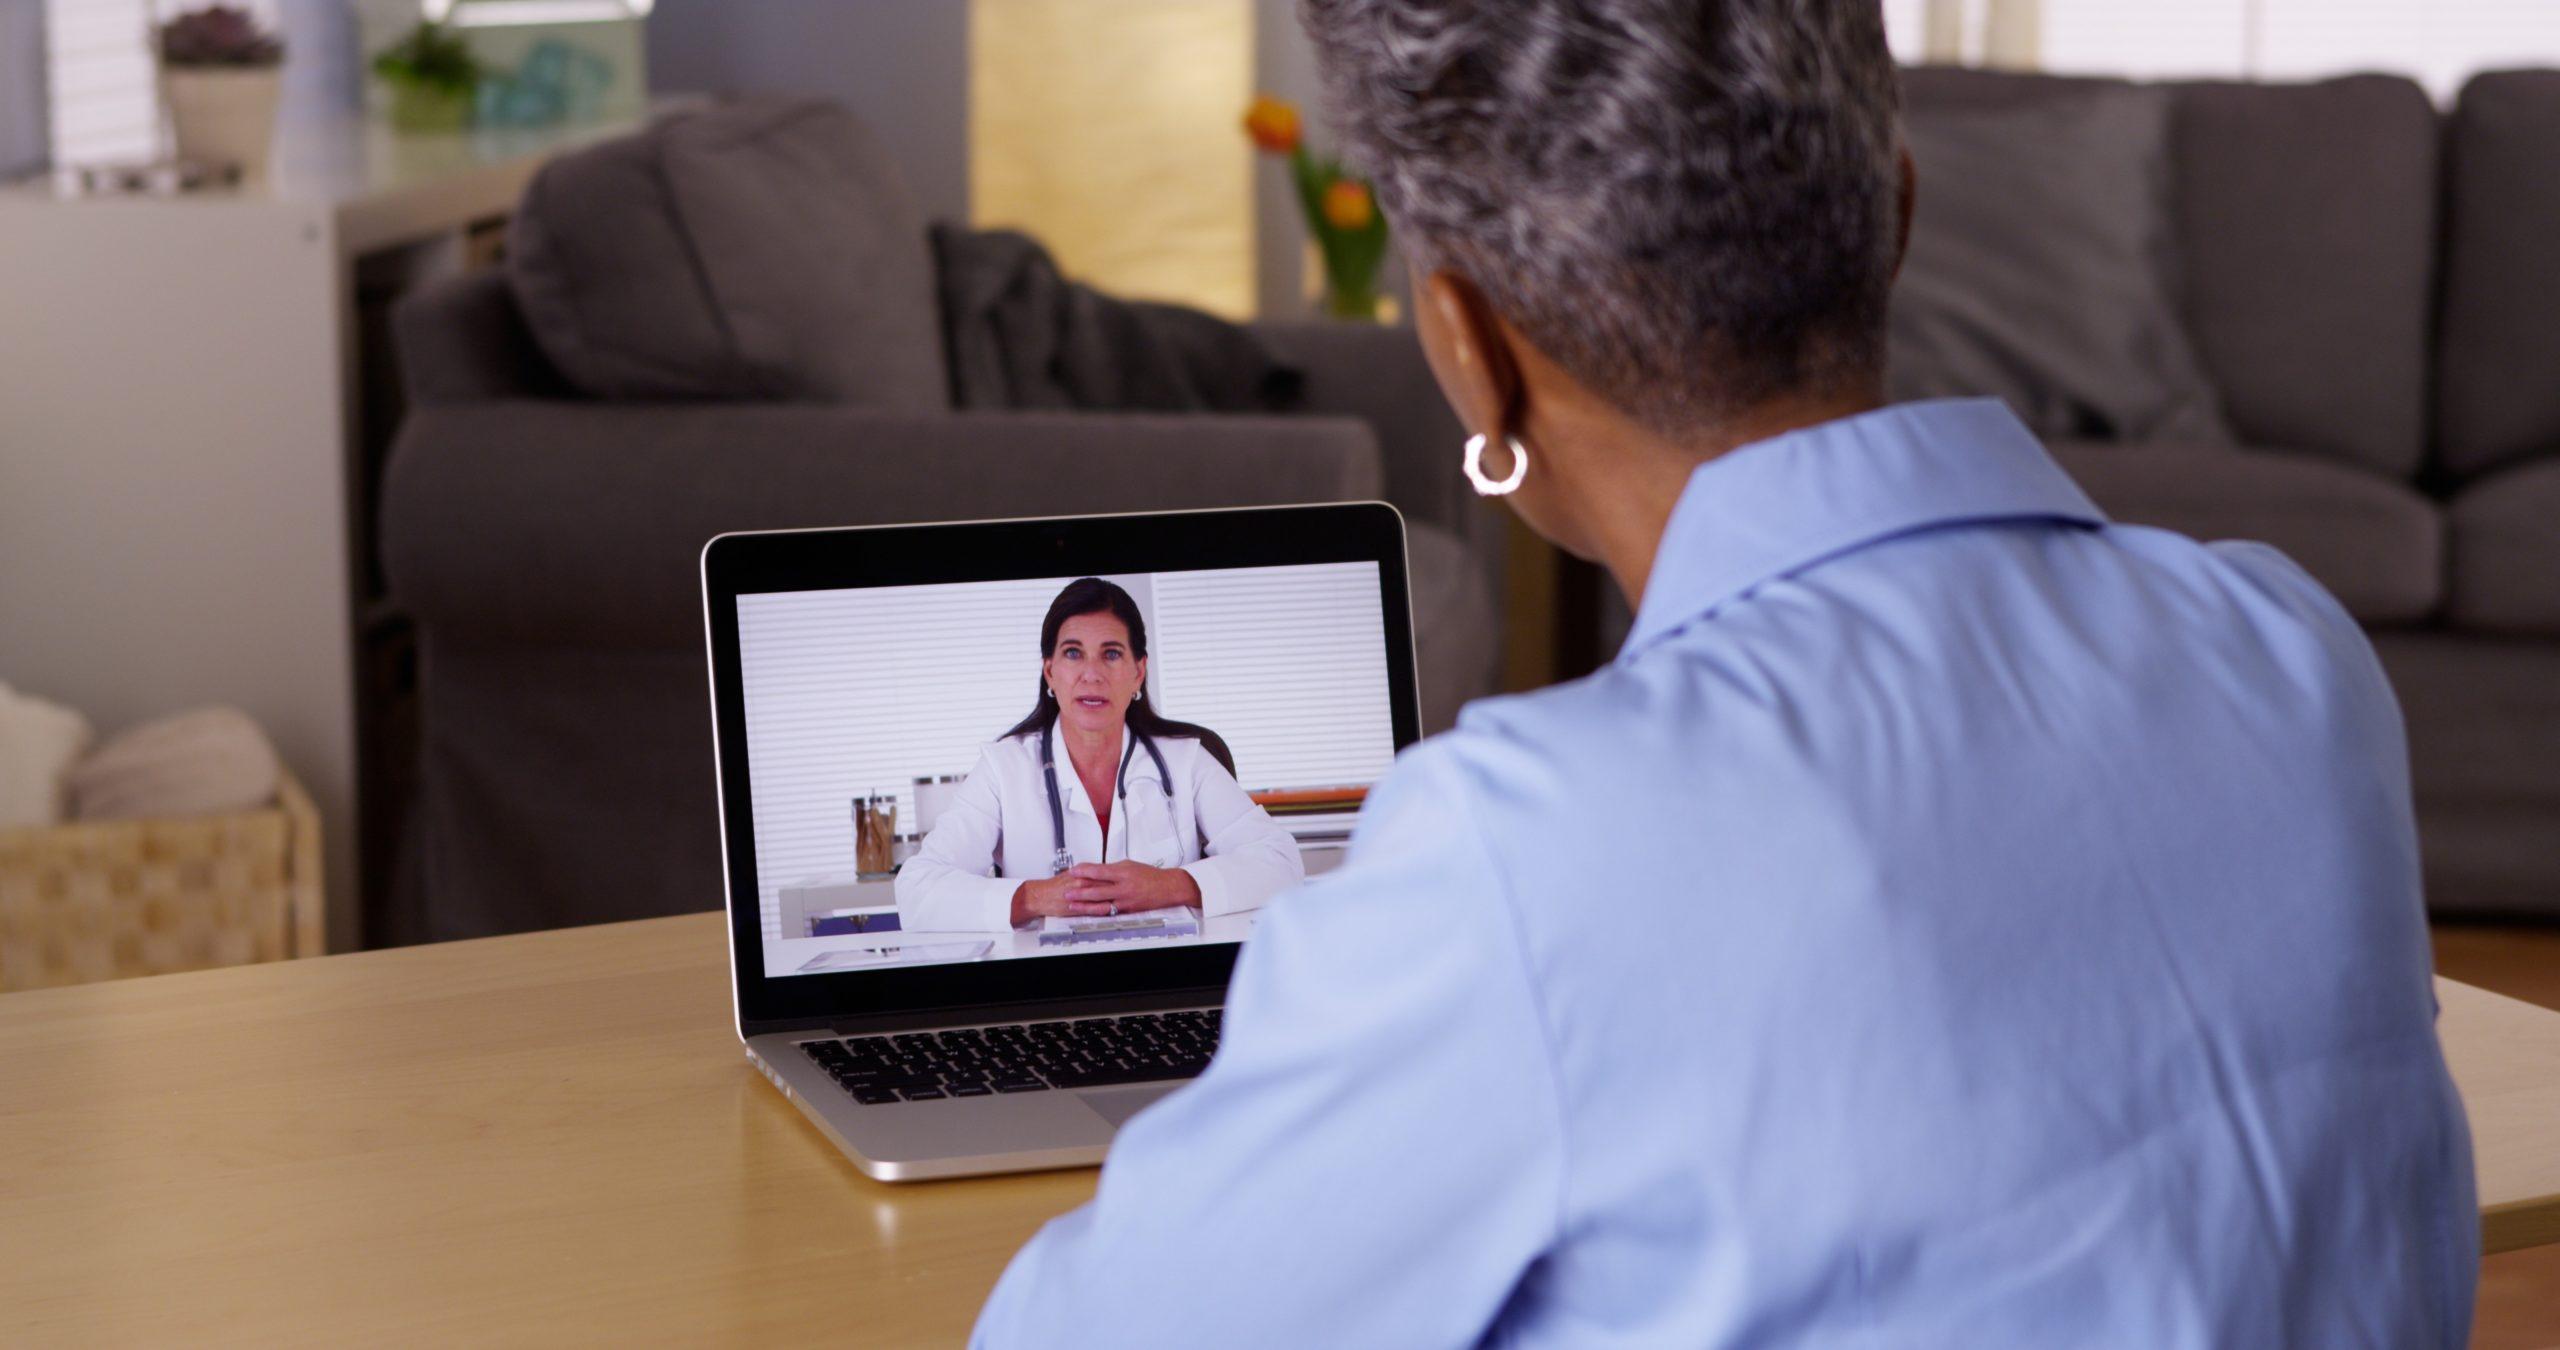 Patiënt praat met dokter via beeldbellen